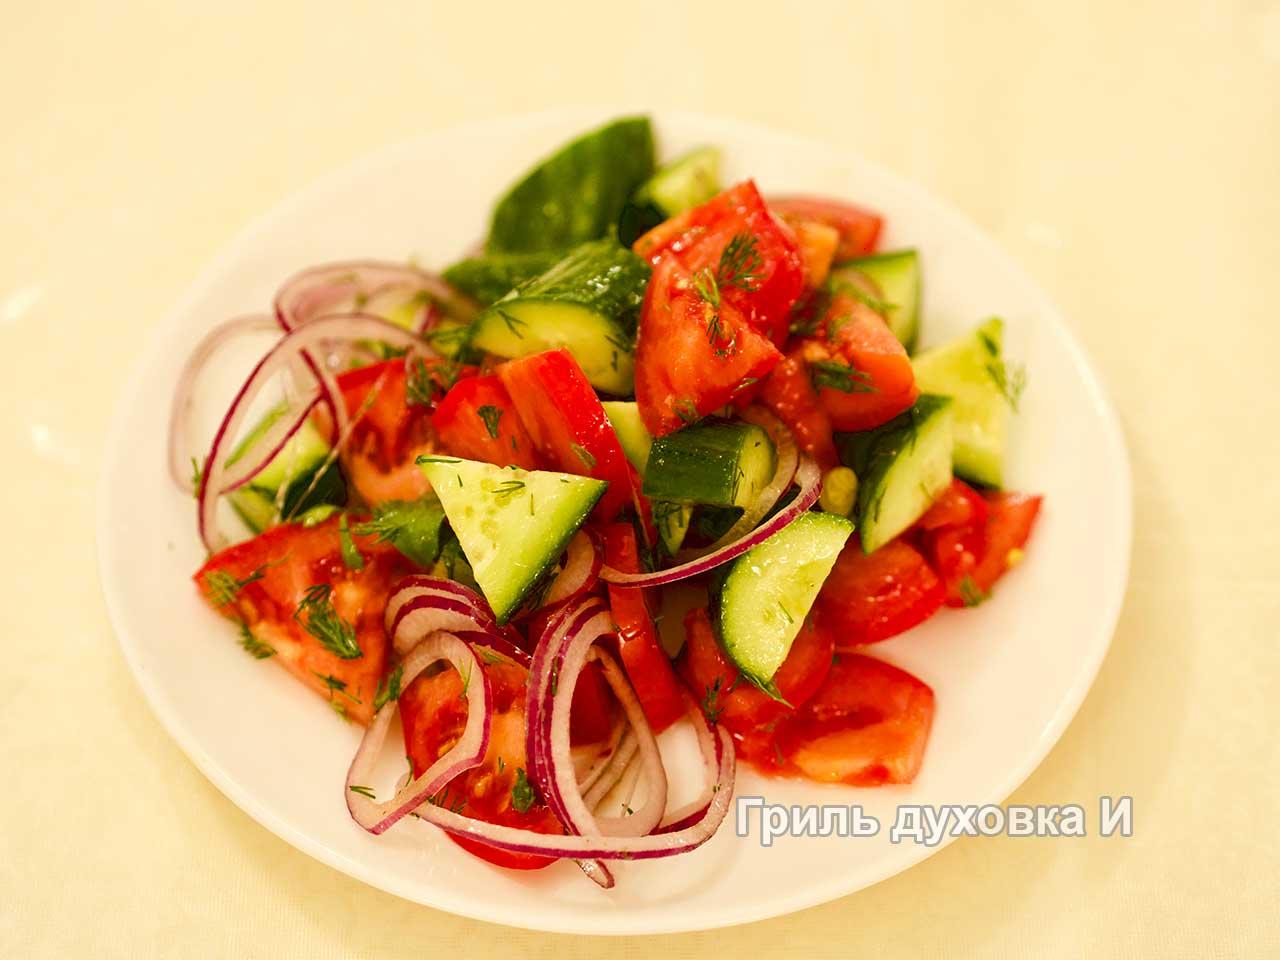 Салат из помидоров и огурцов.